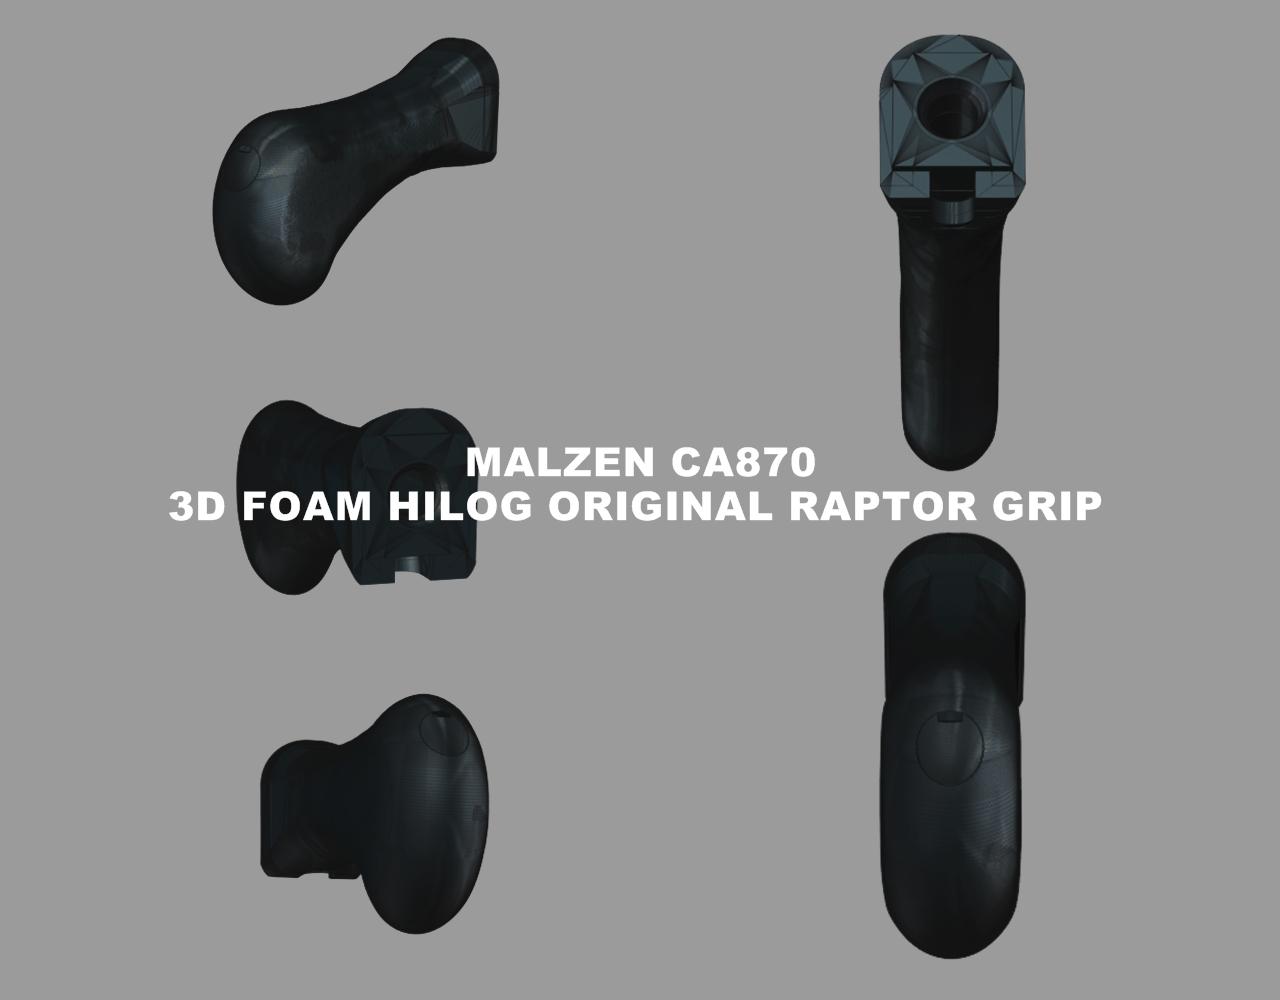 3D FOAM HILOG ORIGINAL RAPTOR GRIP MALZEN マルゼン CA870 ラプター グリップ